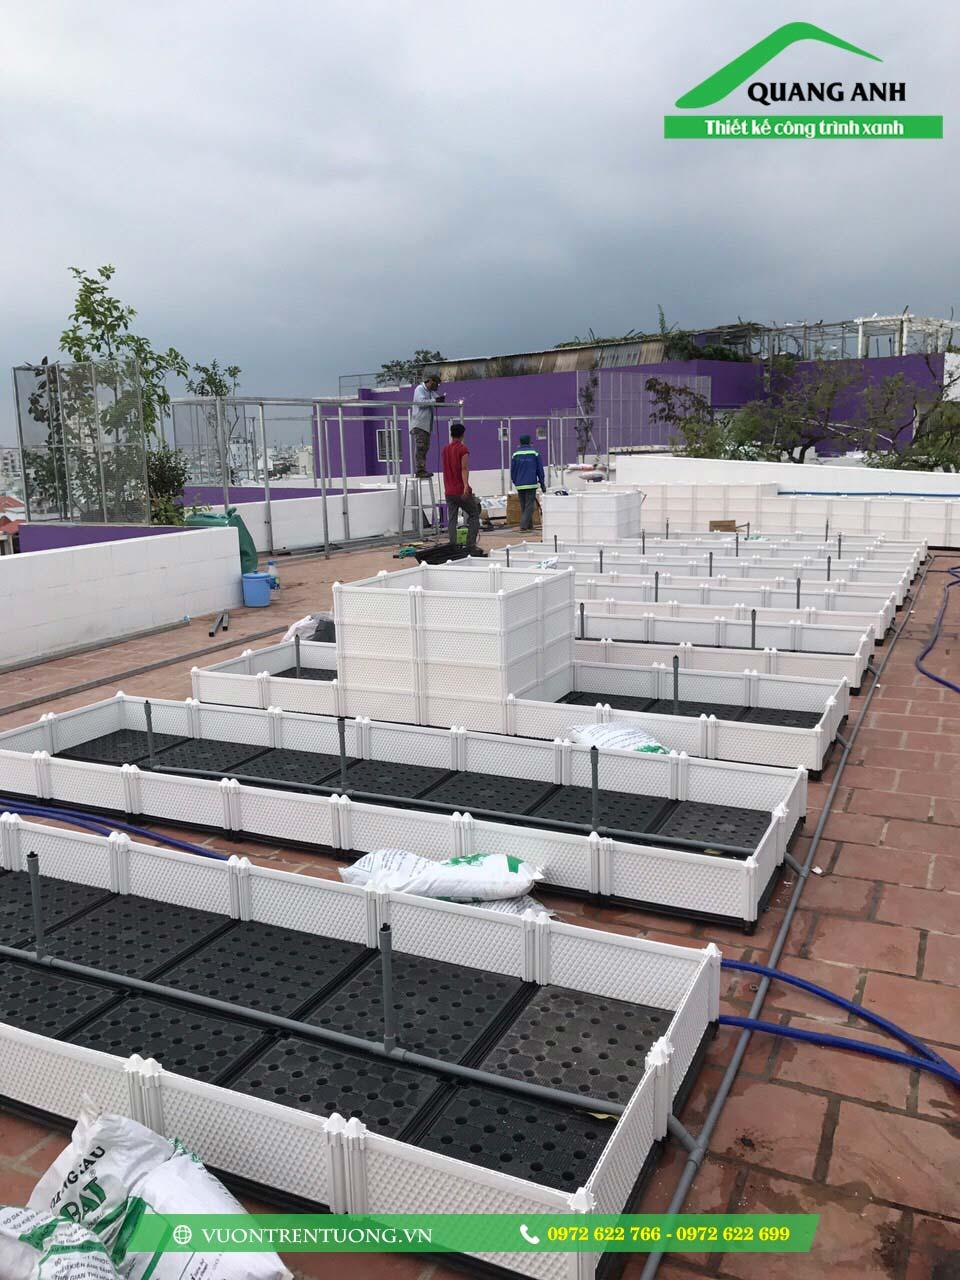 Hình ảnh công trình thực tế chậu ghép trồng rau thông minh trên vườn trên mái